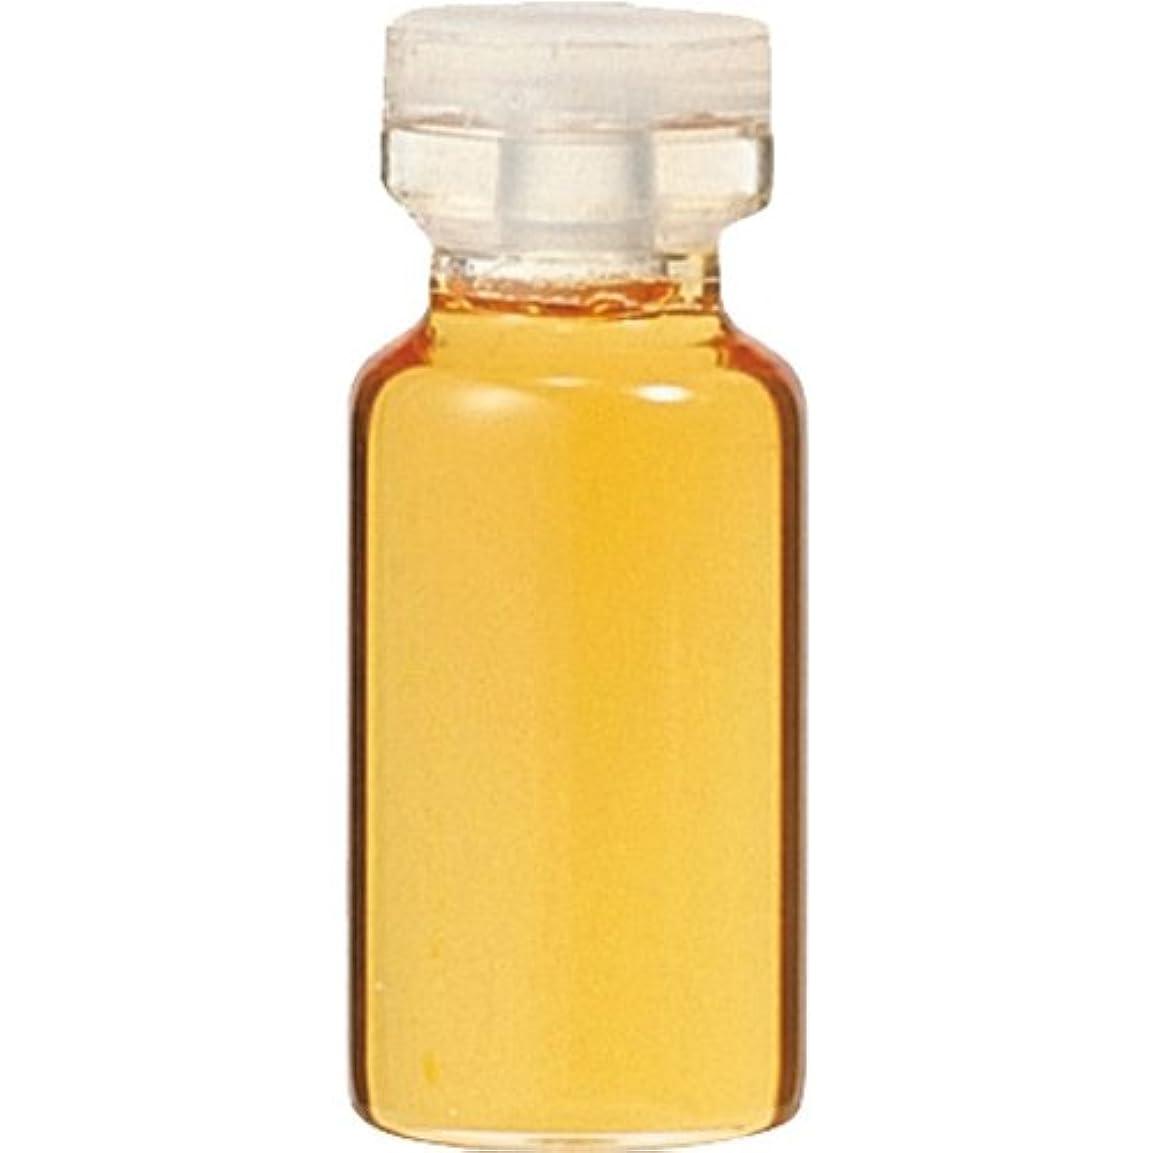 生活の木 精油 トンカビーンズAbs.(10%希釈) 10ml